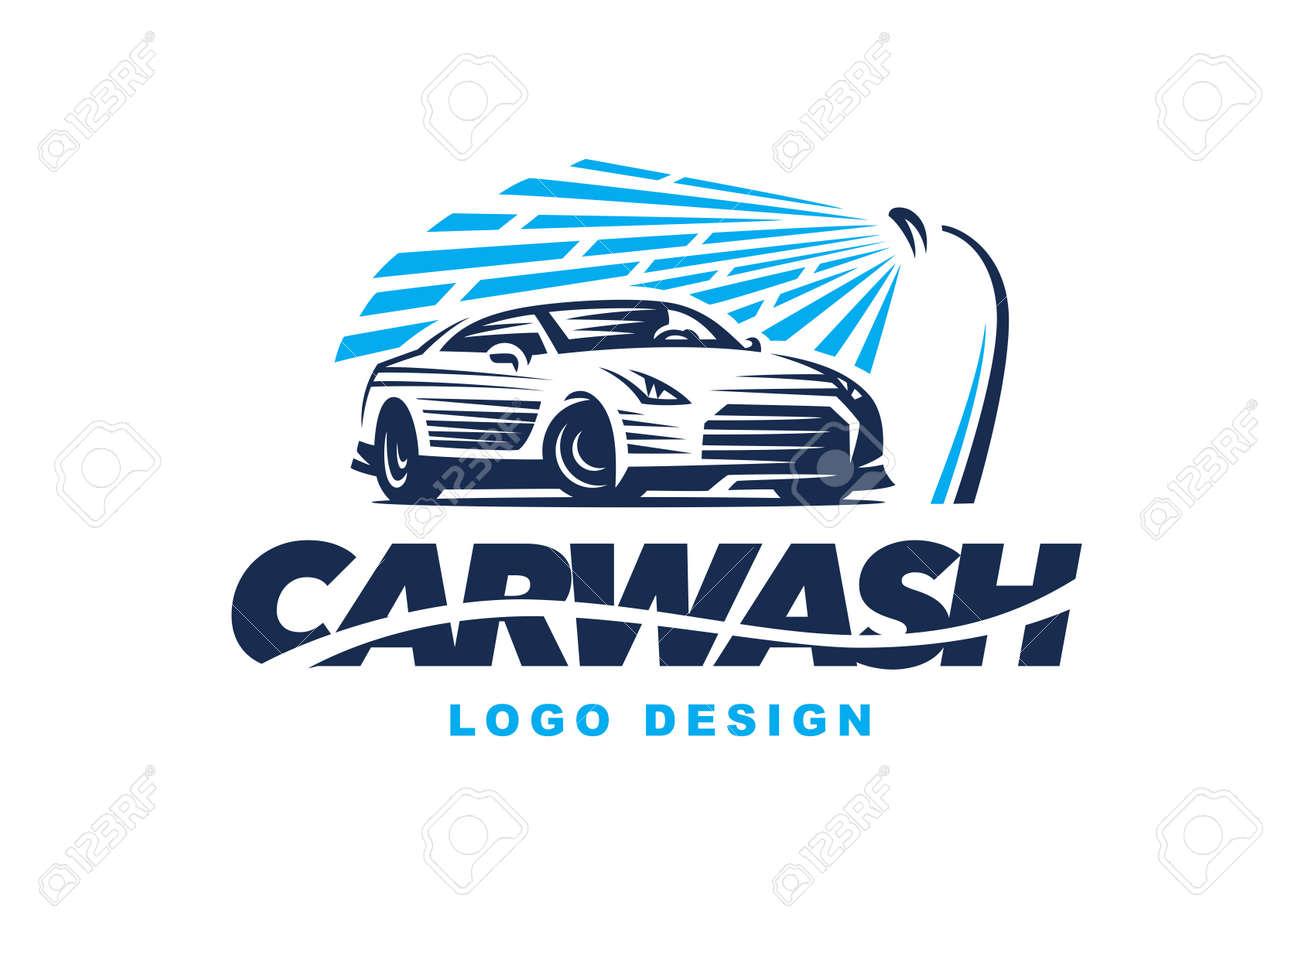 design car wash on light background. - 60325898